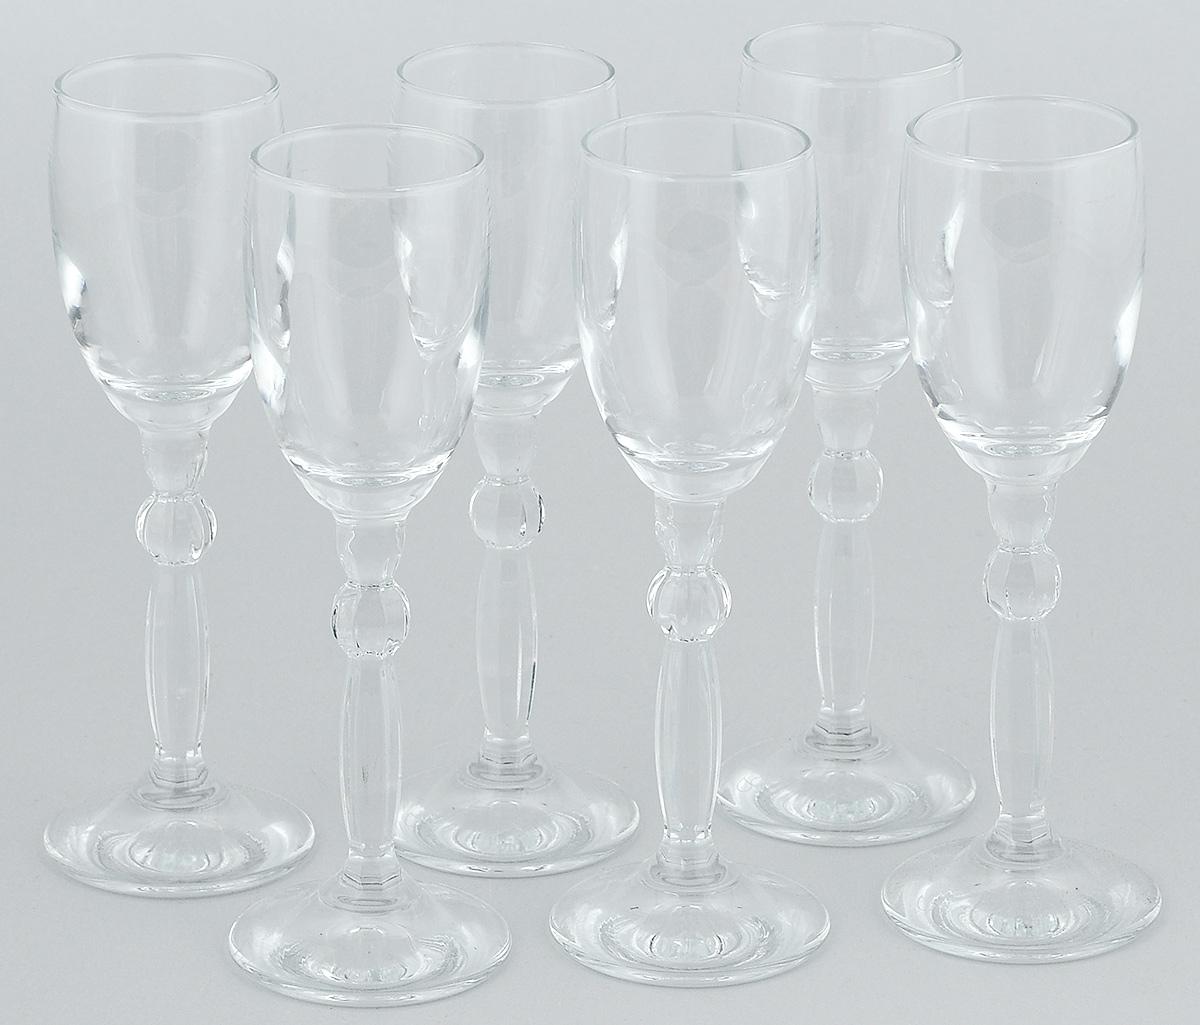 Набор рюмок Pasabahce Step, 63 мл, 6 шт440217BНабор Pasabahce Step состоит из 6 рюмок, изготовленных из прочного натрий-кальций-силикатного стекла. Изделия, предназначенные для подачи ликера и других спиртных напитков, несомненно придутся вам по душе. Рюмки сочетают в себе элегантный дизайн и функциональность. Набор рюмок Pasabahce Step идеально подойдет для сервировки стола и станет отличным подарком к любому празднику.